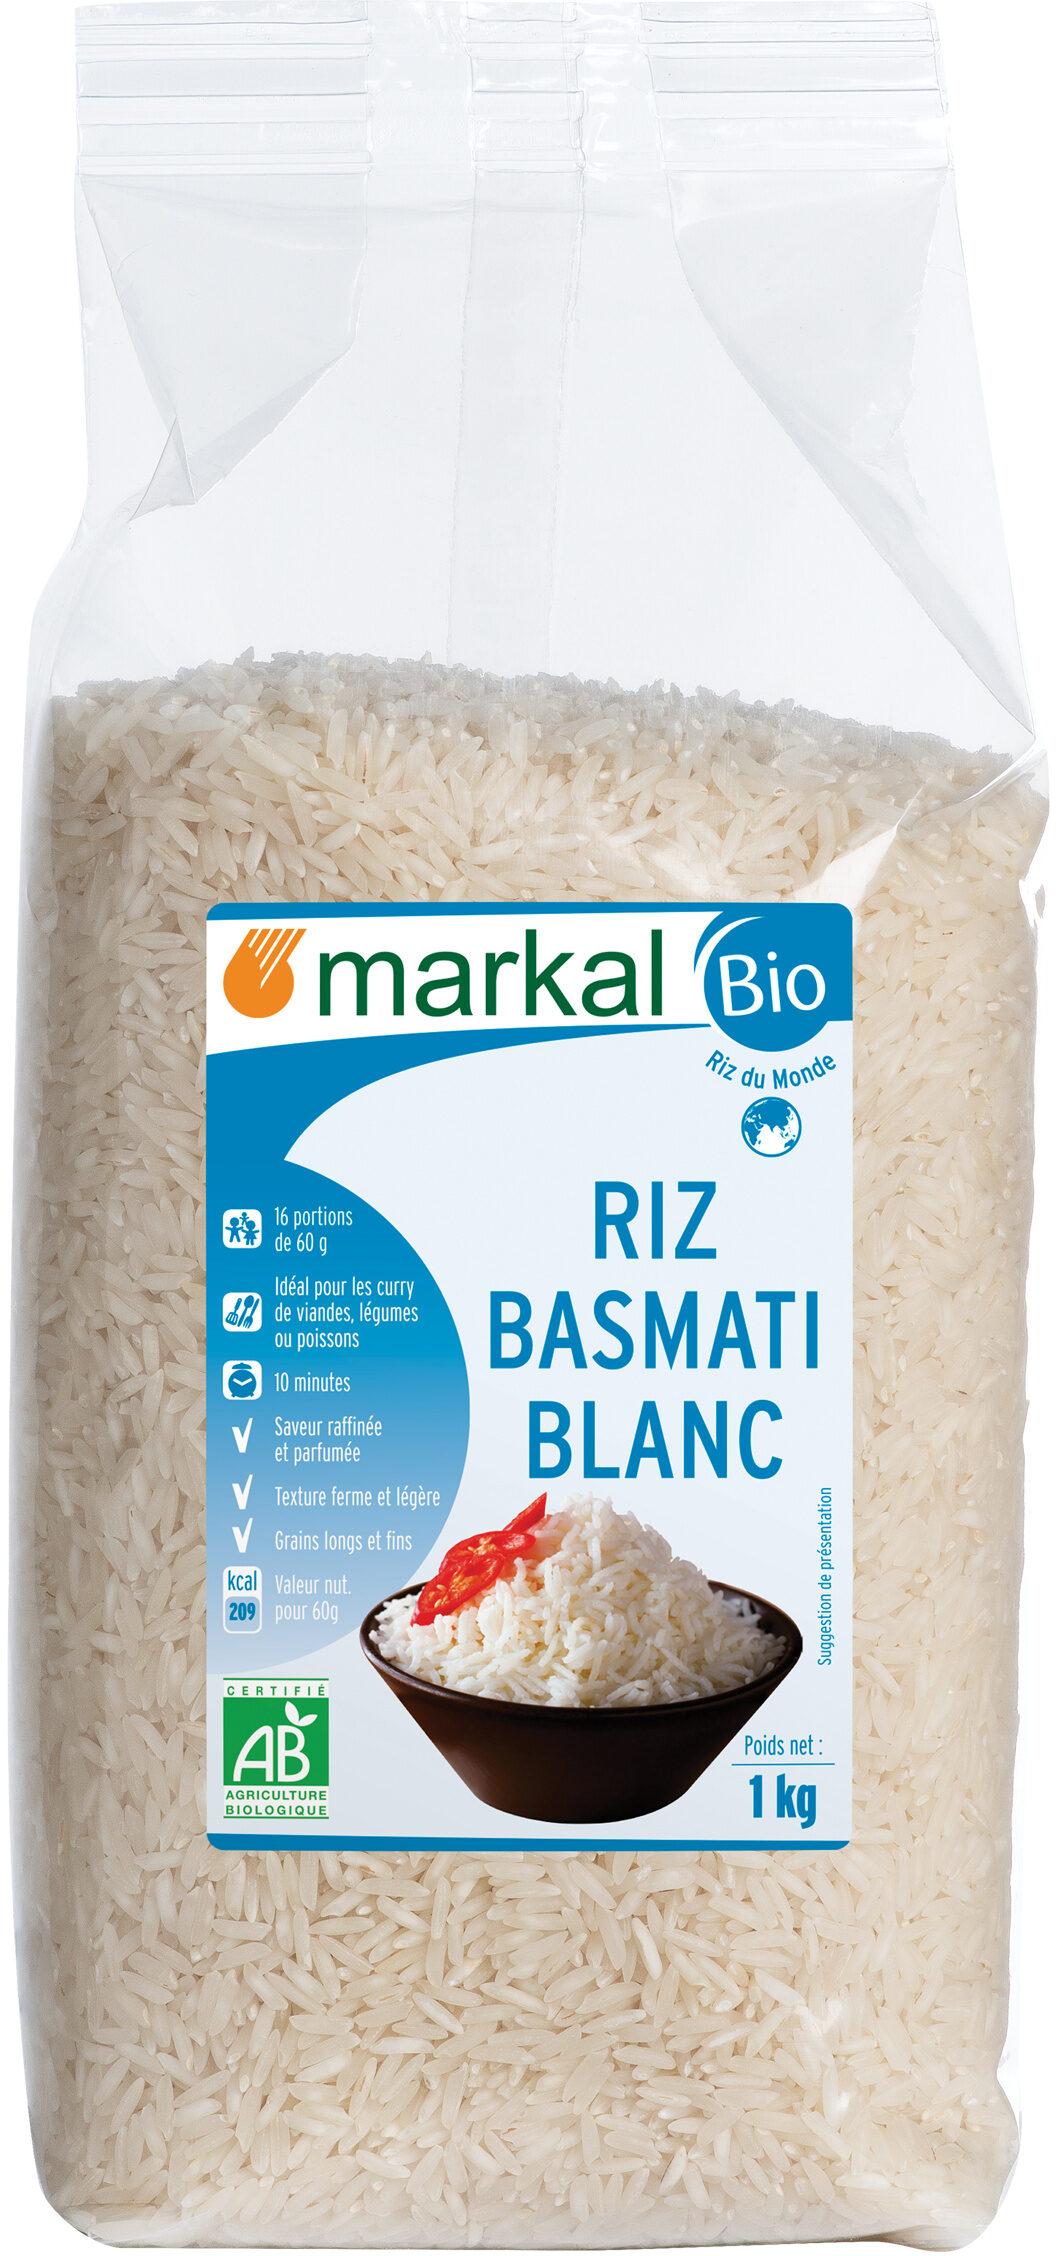 Riz basmati blanc - Prodotto - fr